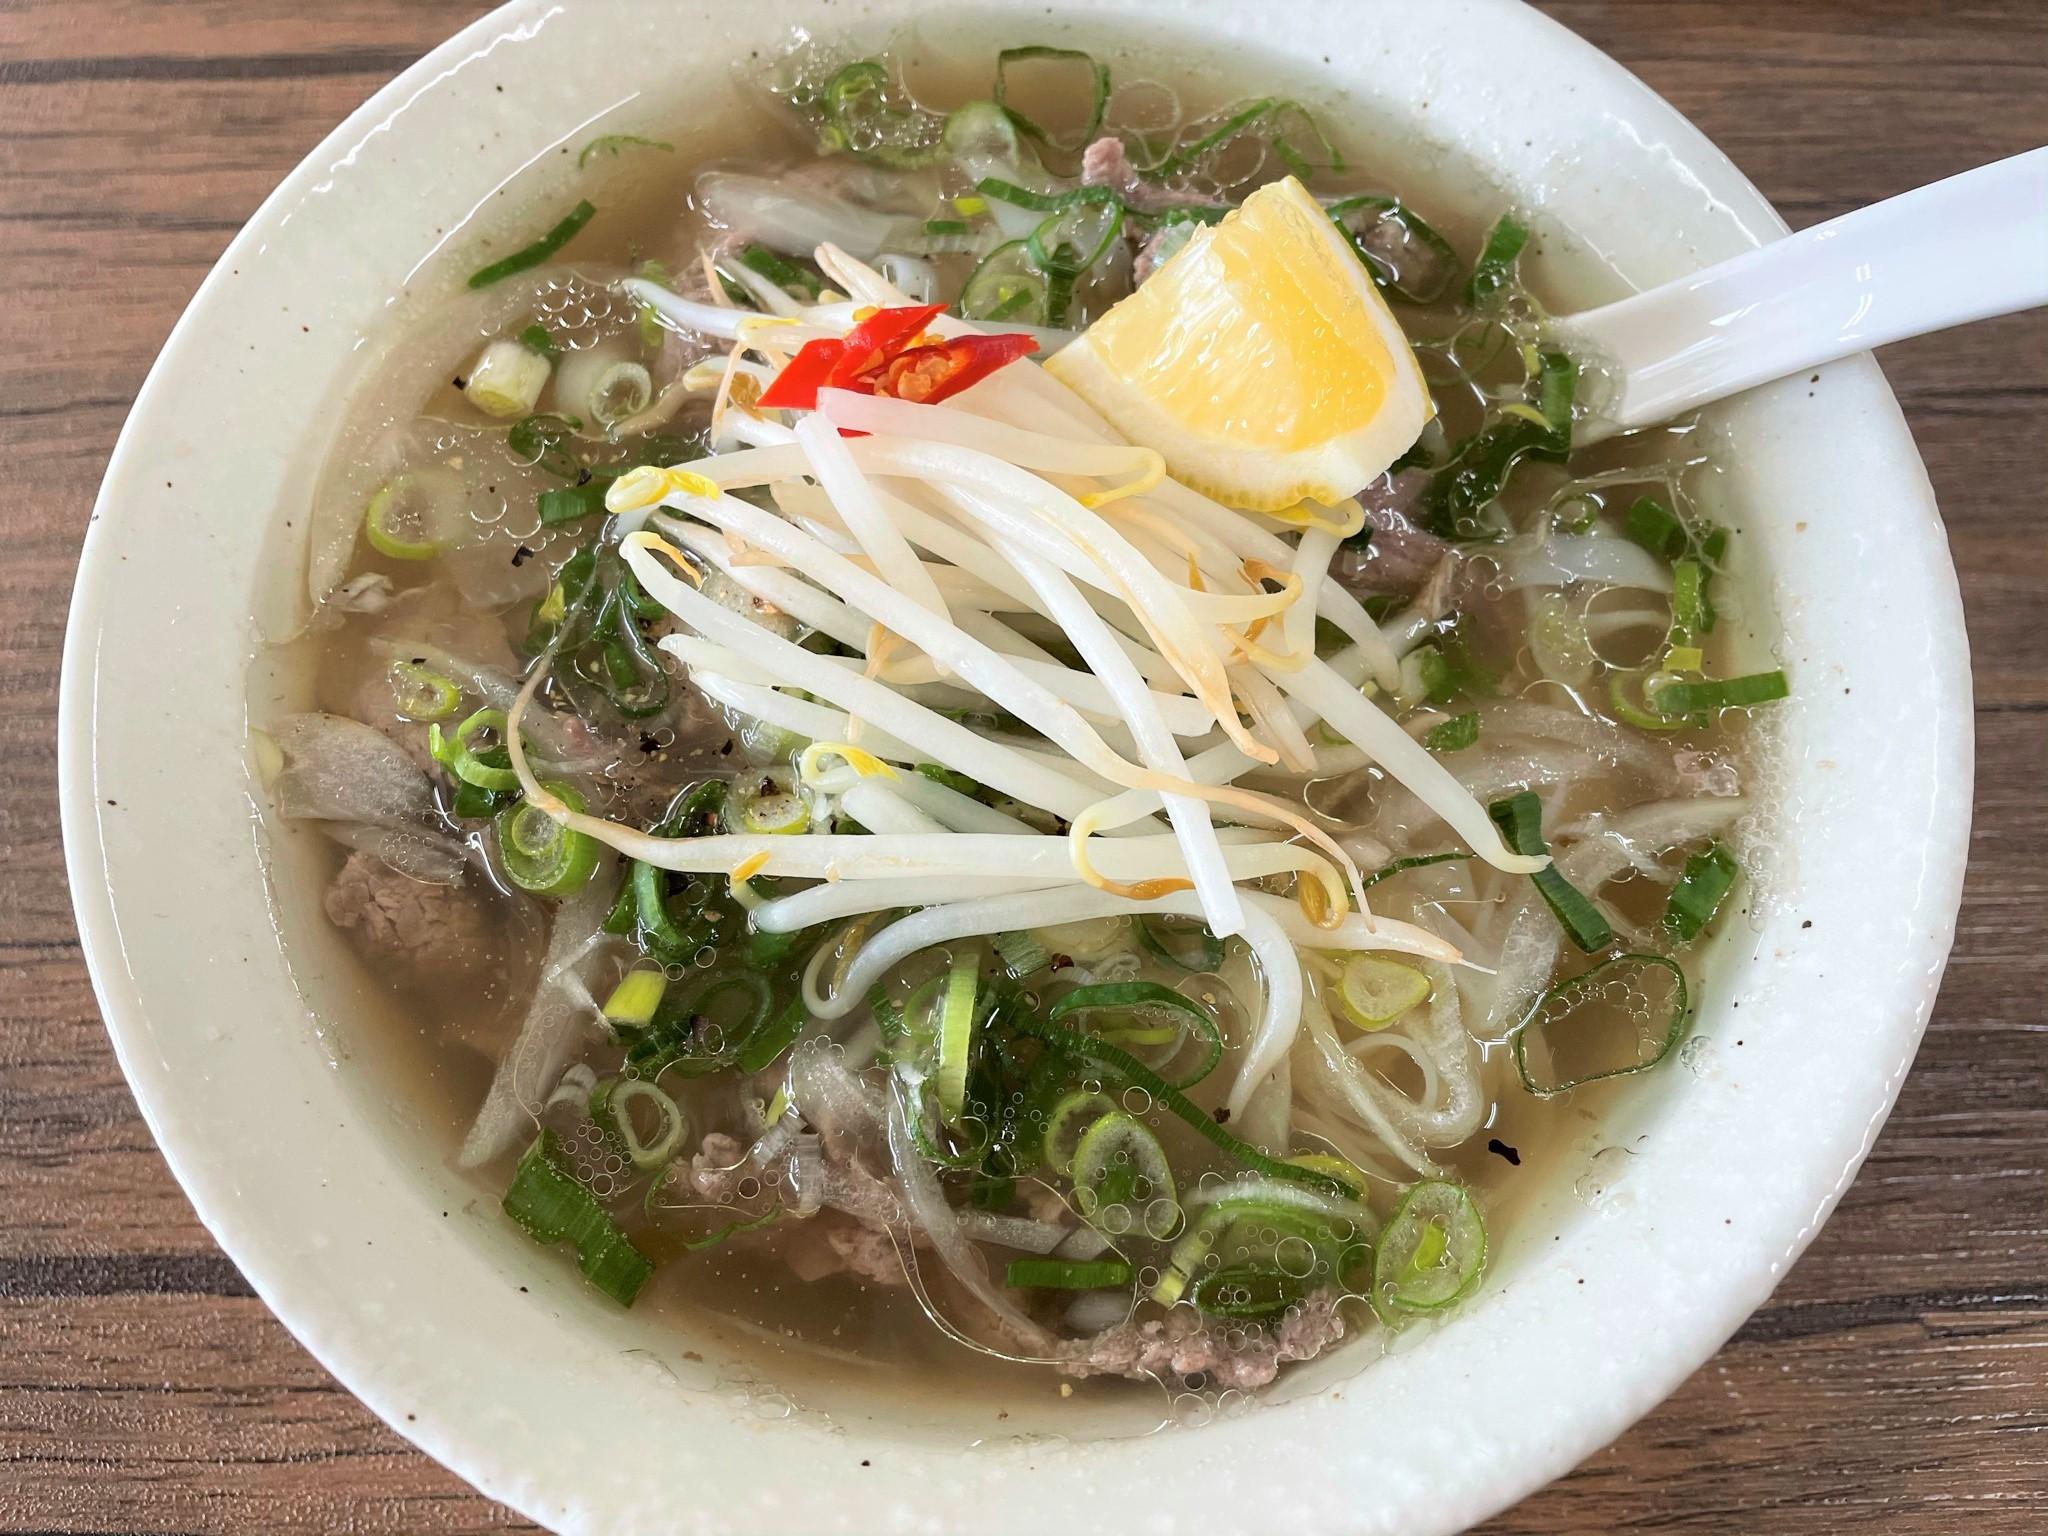 【番外編】岐阜県岐阜市のベトナム料理店「フォークチ」